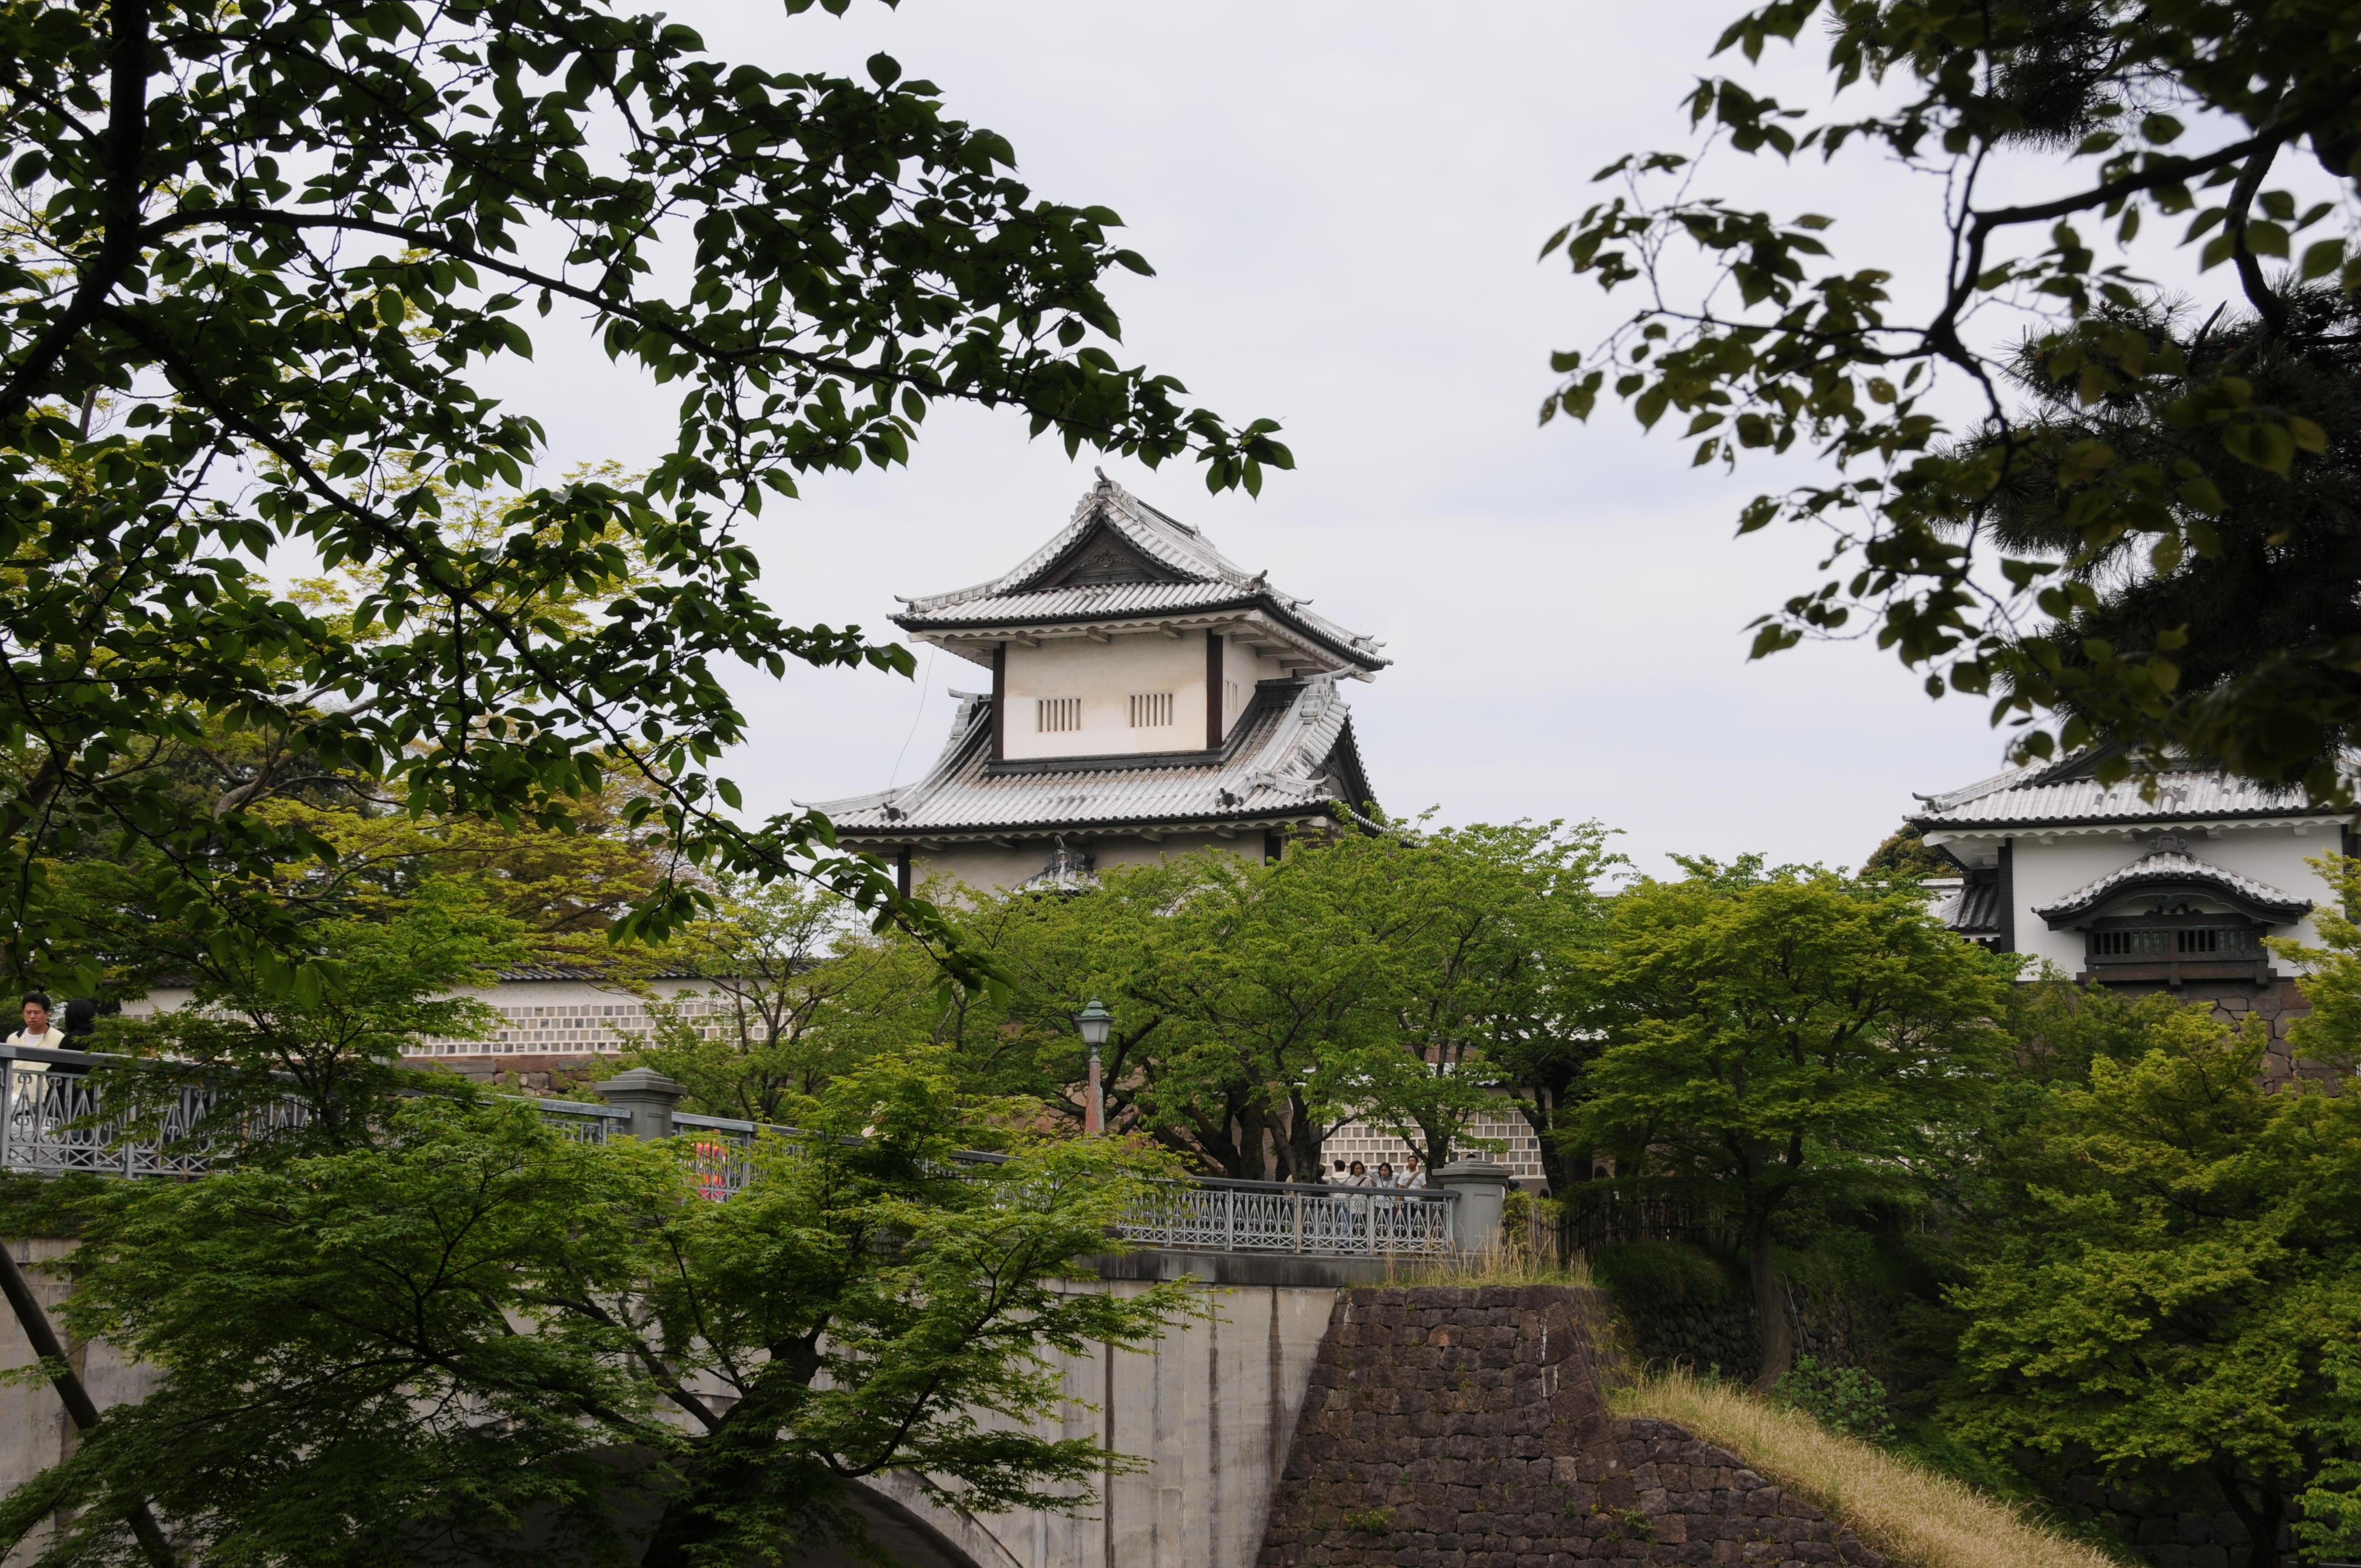 金沢観光の定番スポット